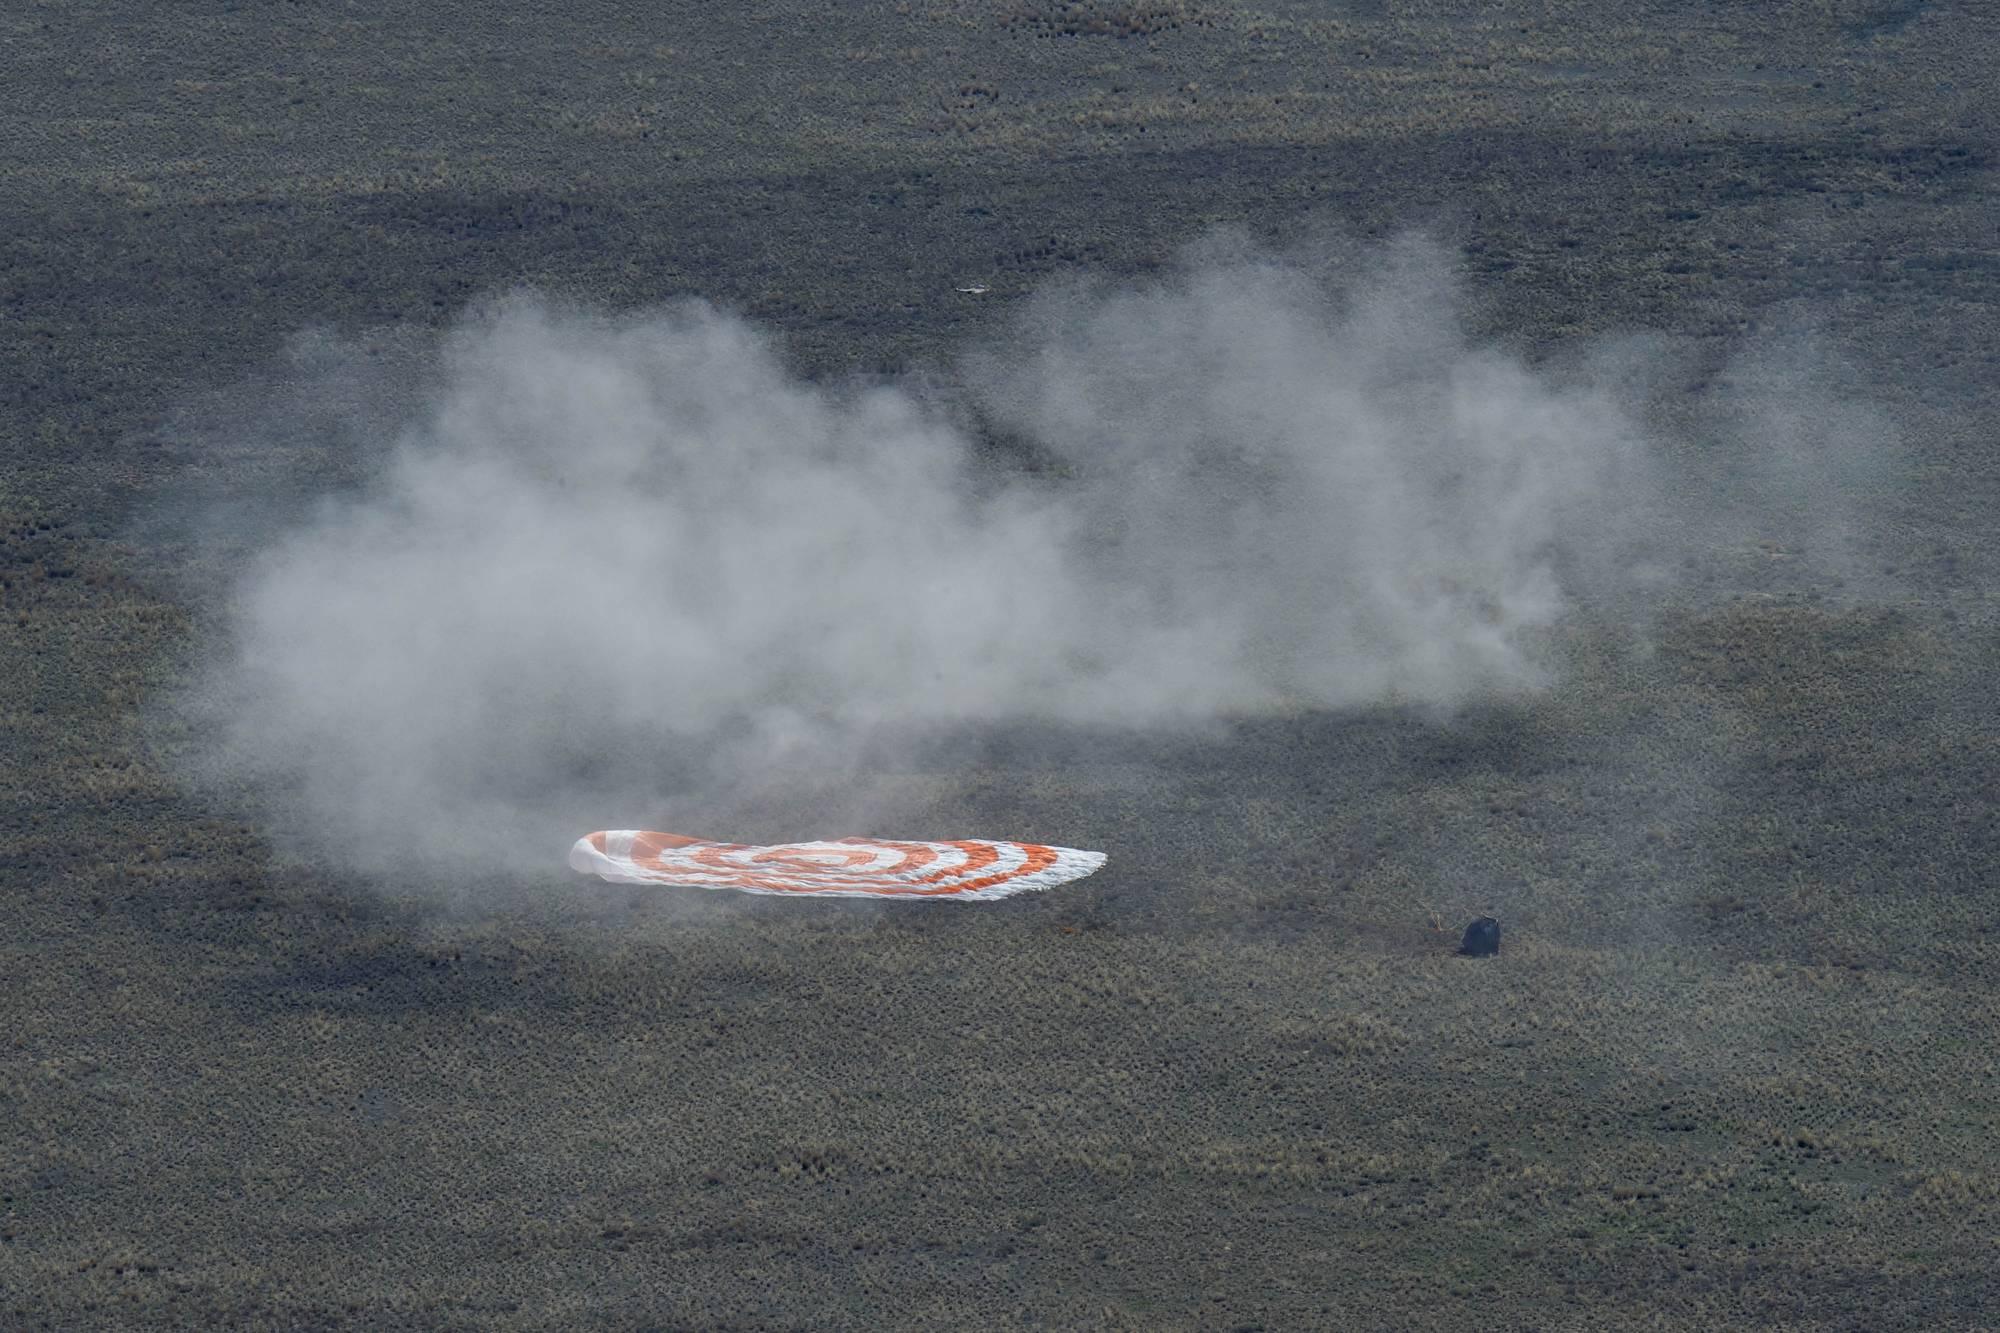 Le parachute est au sol.